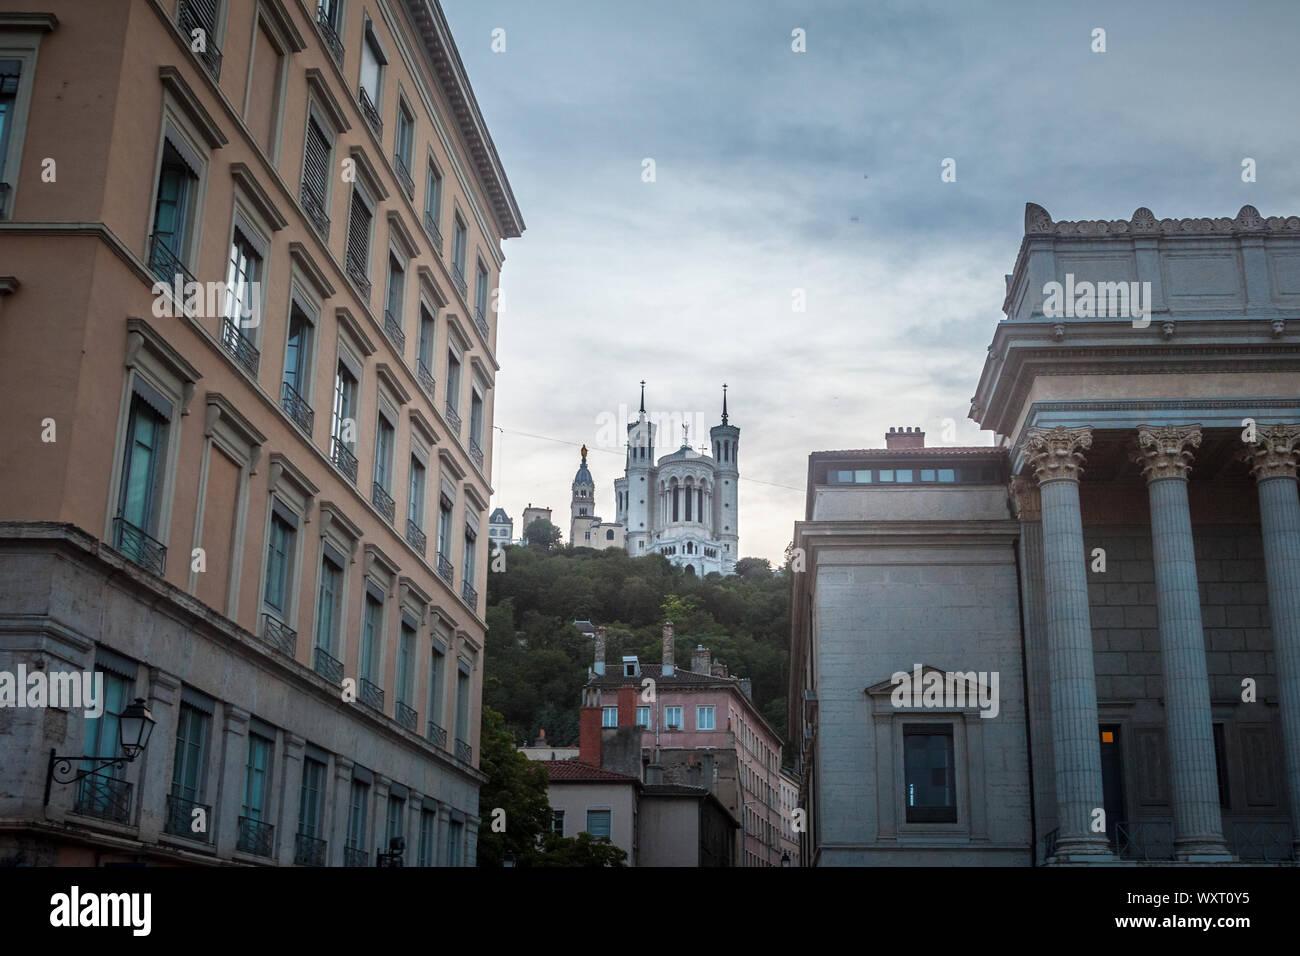 LYON, FRANCIA - Julio 13, 2019: la Basílica de Notre Dame de Fourviere basílica en Lyon, Francia, rodeada por edificios históricos de la Fourvière Hil Foto de stock